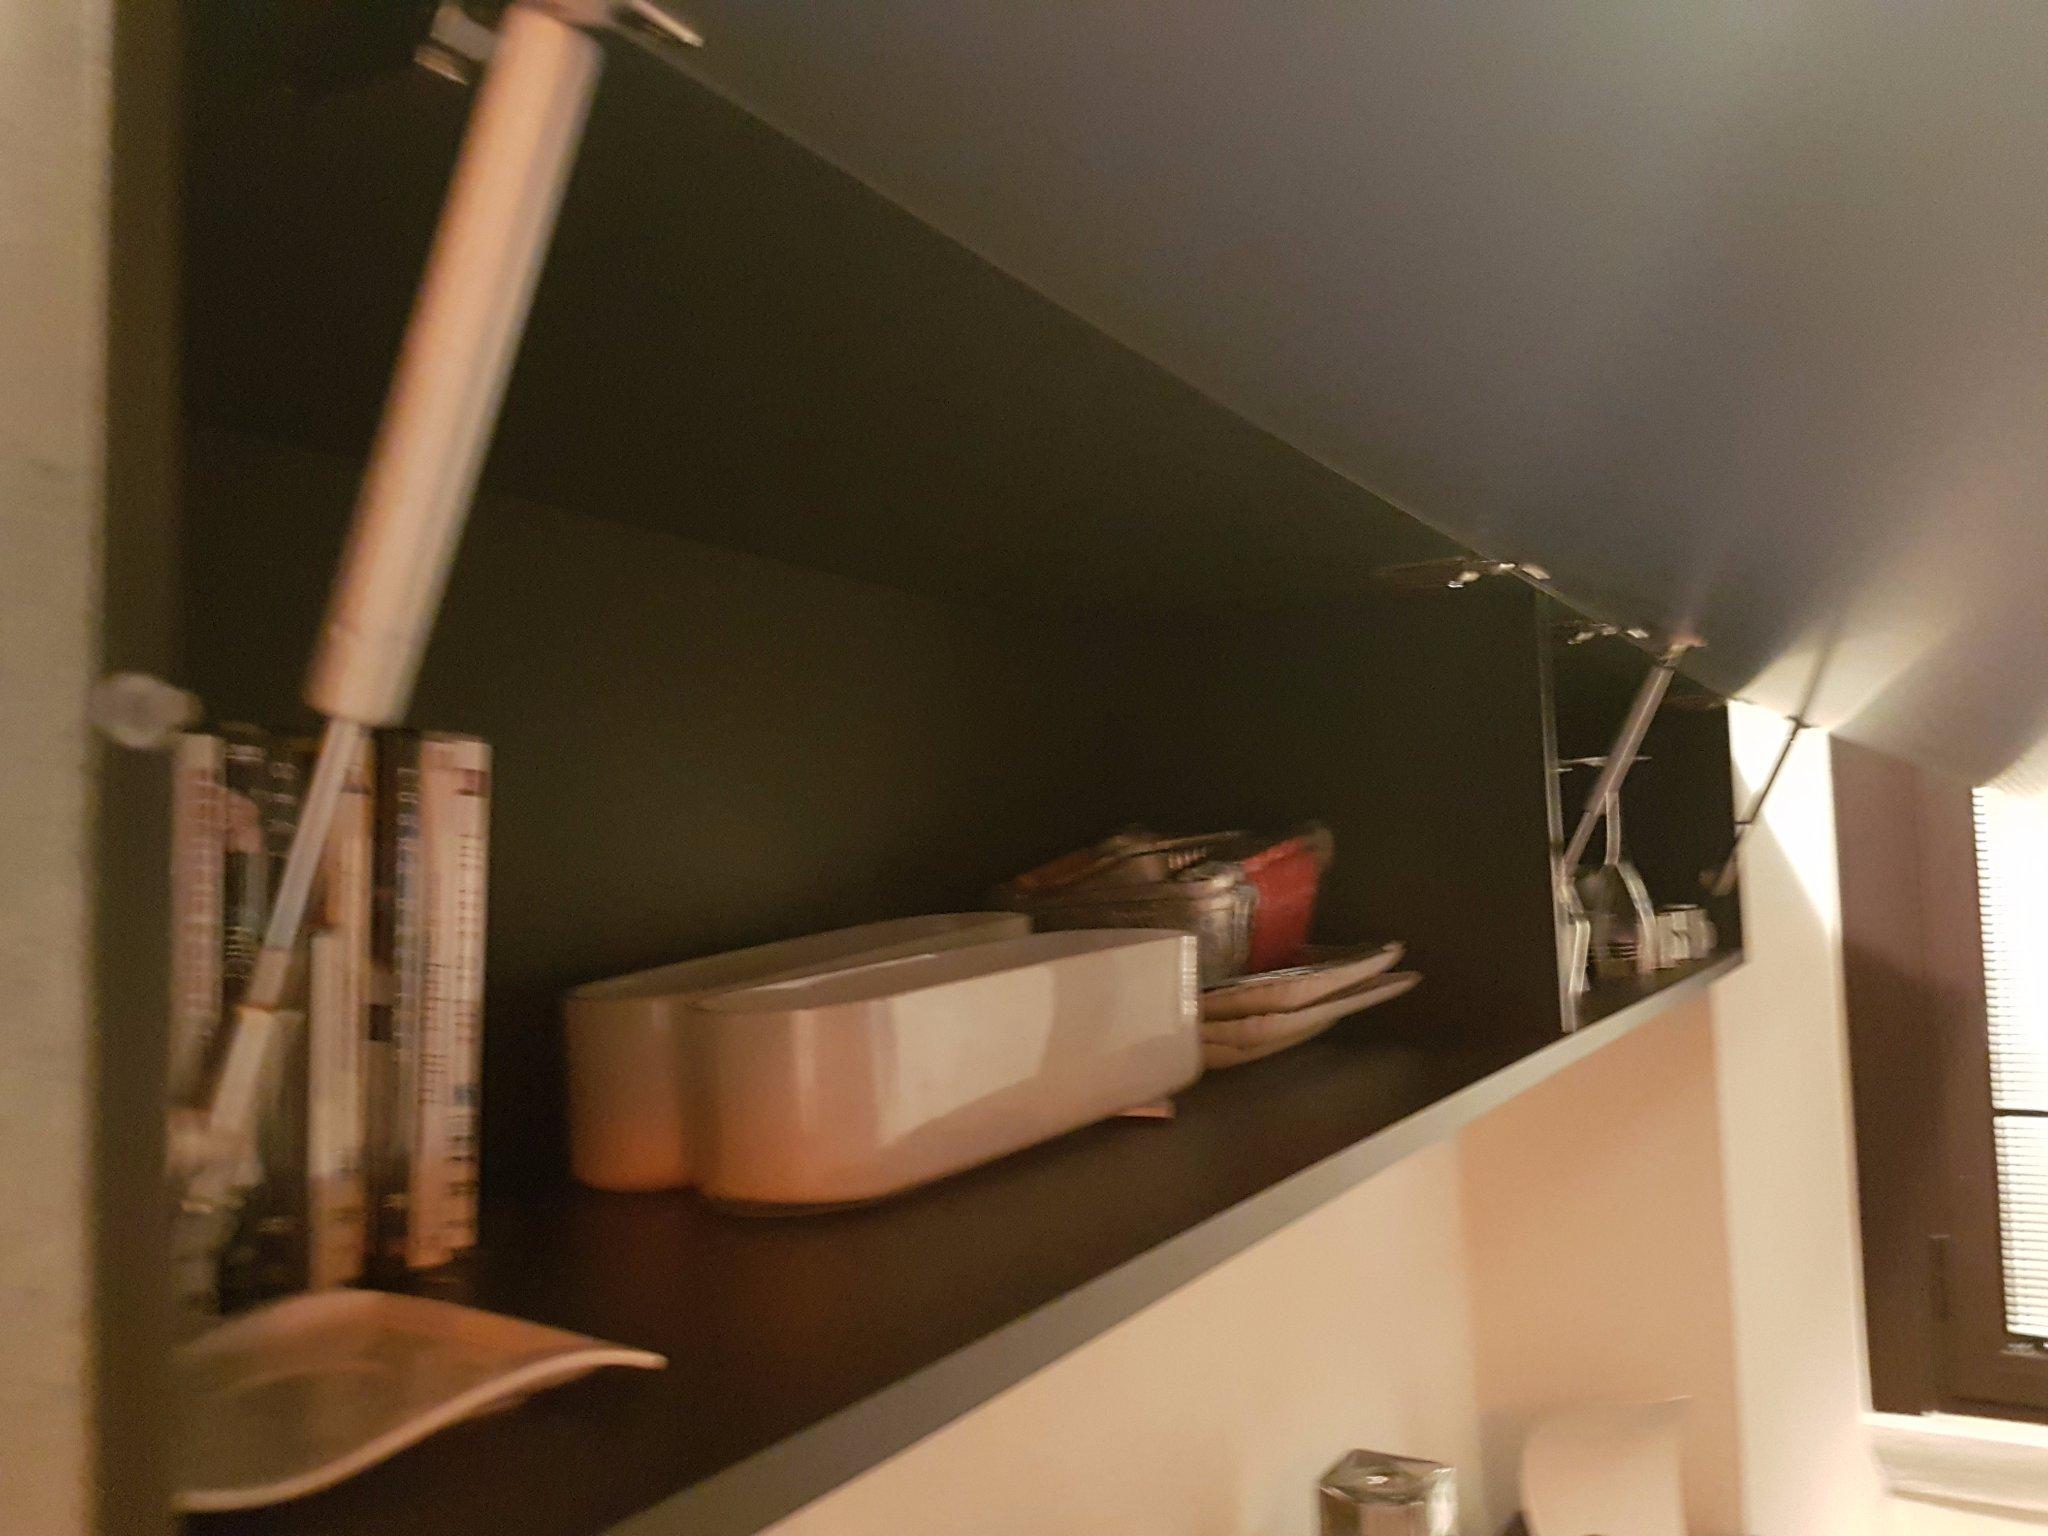 Sostituzione cerniere mobili (3 ante cucina + mobile lungo tv ...